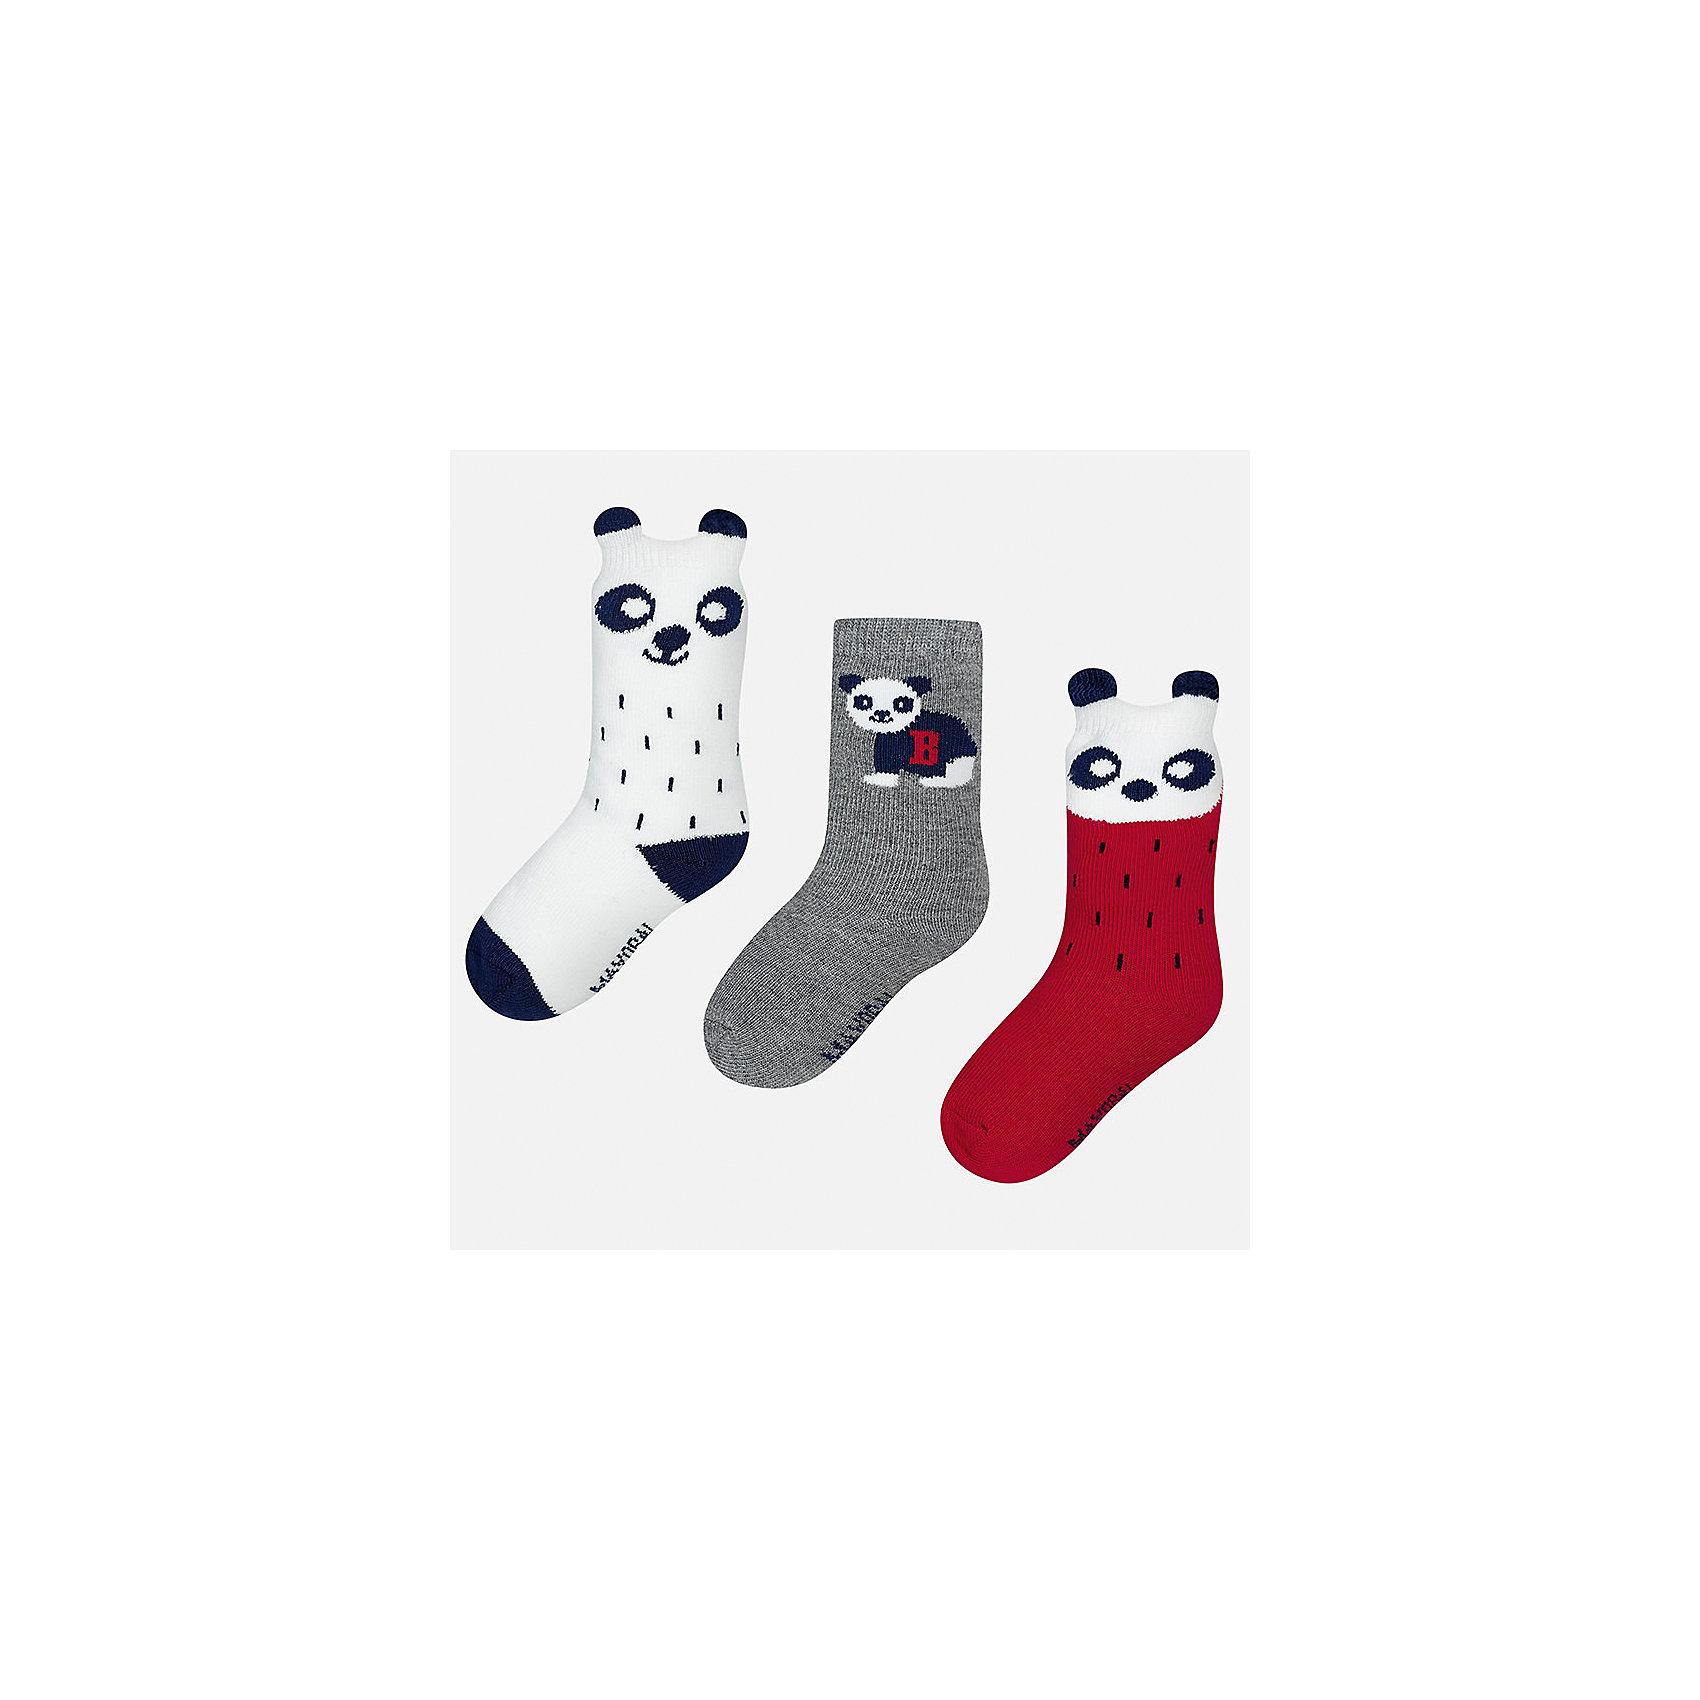 Носки (3 пары) для мальчика MayoralНоски<br>Характеристики товара:<br><br>• цвет: белый<br>• состав ткани: 70% хлопок, 27% полиамид, 3% эластан<br>• сезон: круглый год<br>• комплектация: 3 пары<br>• страна бренда: Испания<br>• страна изготовитель: Индия<br><br>Симпатичные носки для мальчика от популярного бренда Mayoral отличаются оригинальным декором. Детские носки смотрятся аккуратно и нарядно. В таких носках для детей от испанской компании Майорал ребенок будет выглядеть модно, а чувствовать себя - комфортно. <br><br>Носки (3 пары) для мальчика Mayoral (Майорал) можно купить в нашем интернет-магазине.<br><br>Ширина мм: 87<br>Глубина мм: 10<br>Высота мм: 105<br>Вес г: 115<br>Цвет: бежевый<br>Возраст от месяцев: 18<br>Возраст до месяцев: 24<br>Пол: Мужской<br>Возраст: Детский<br>Размер: 22-24,19-22<br>SKU: 6939037